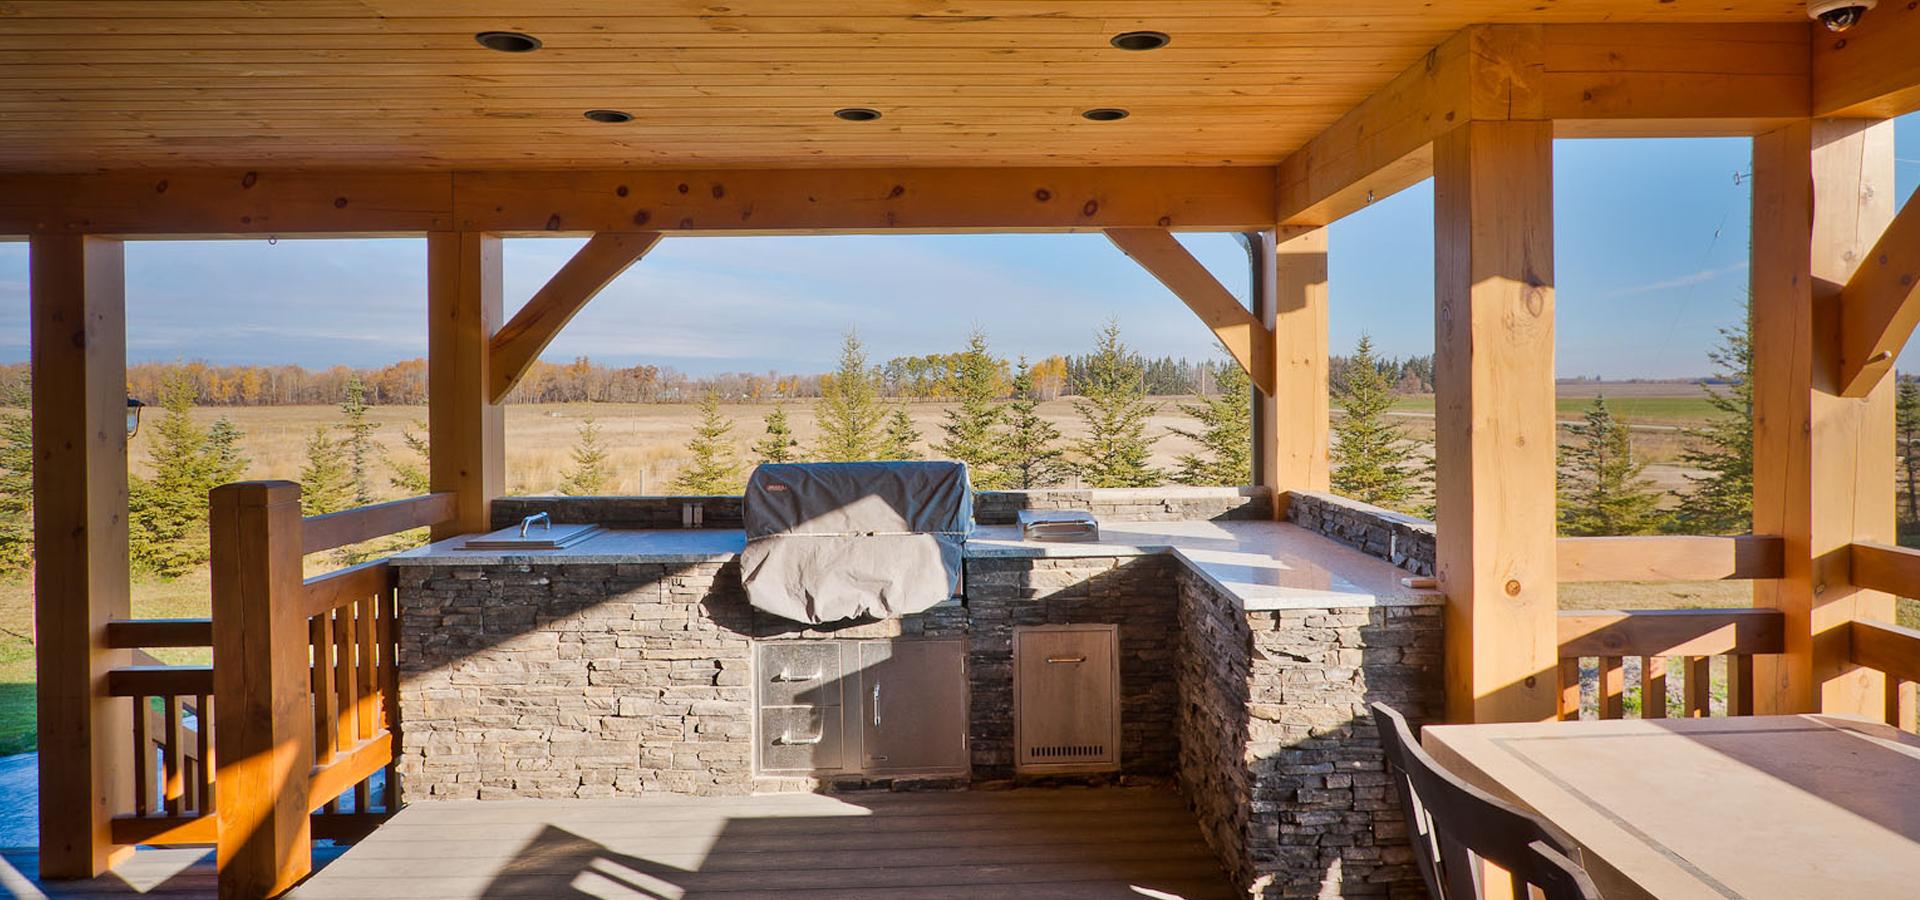 Balmoral Cabin